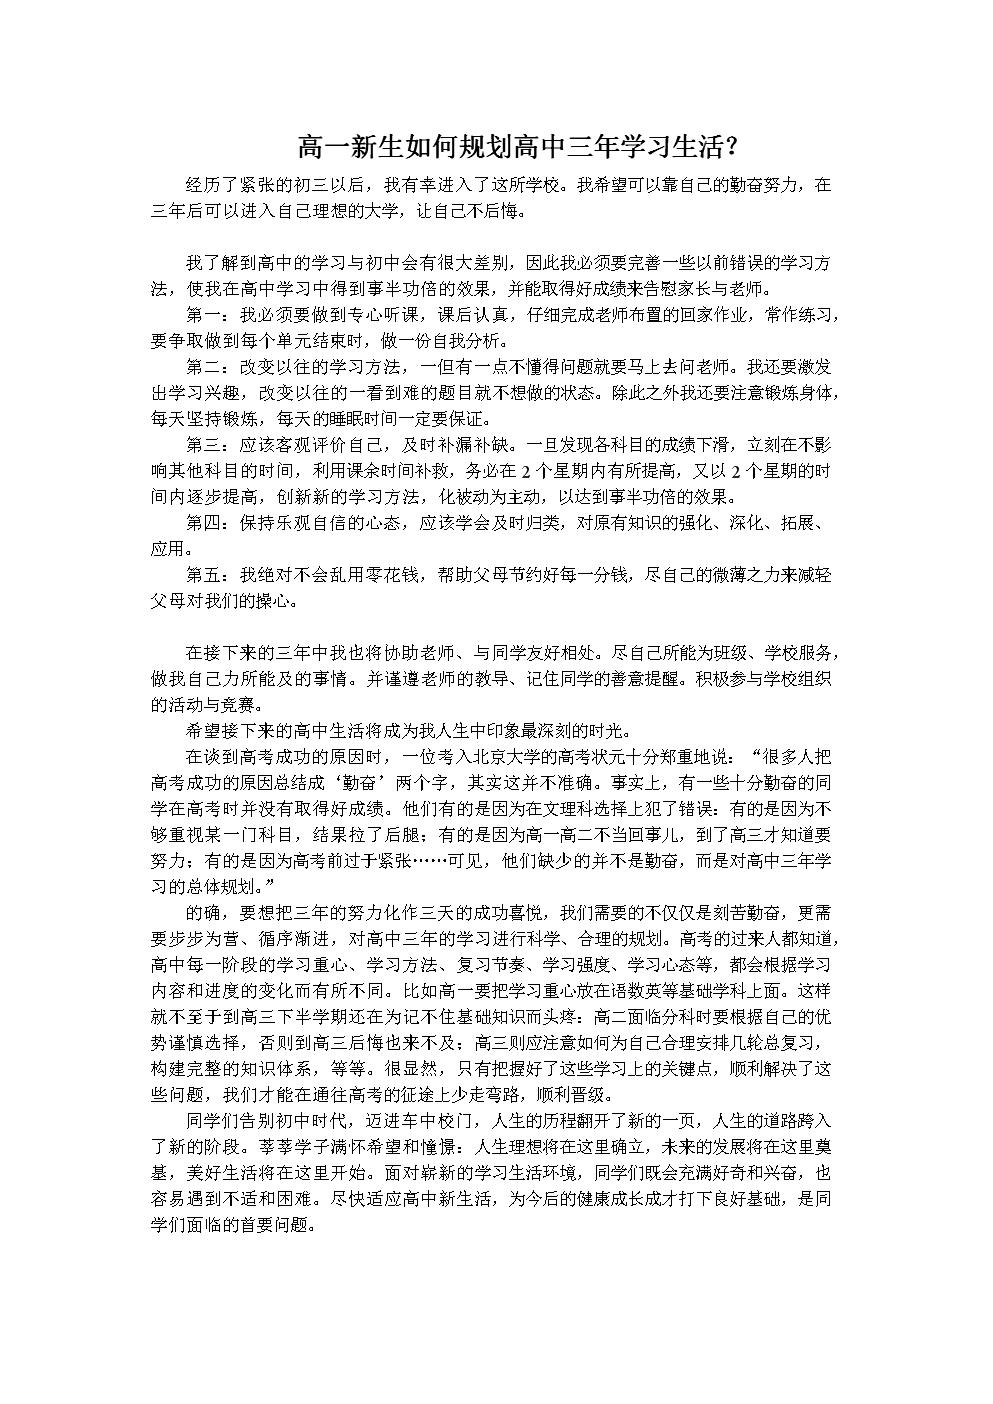 高1新生生活高中3年规划学习.doc周记名人事迹高中